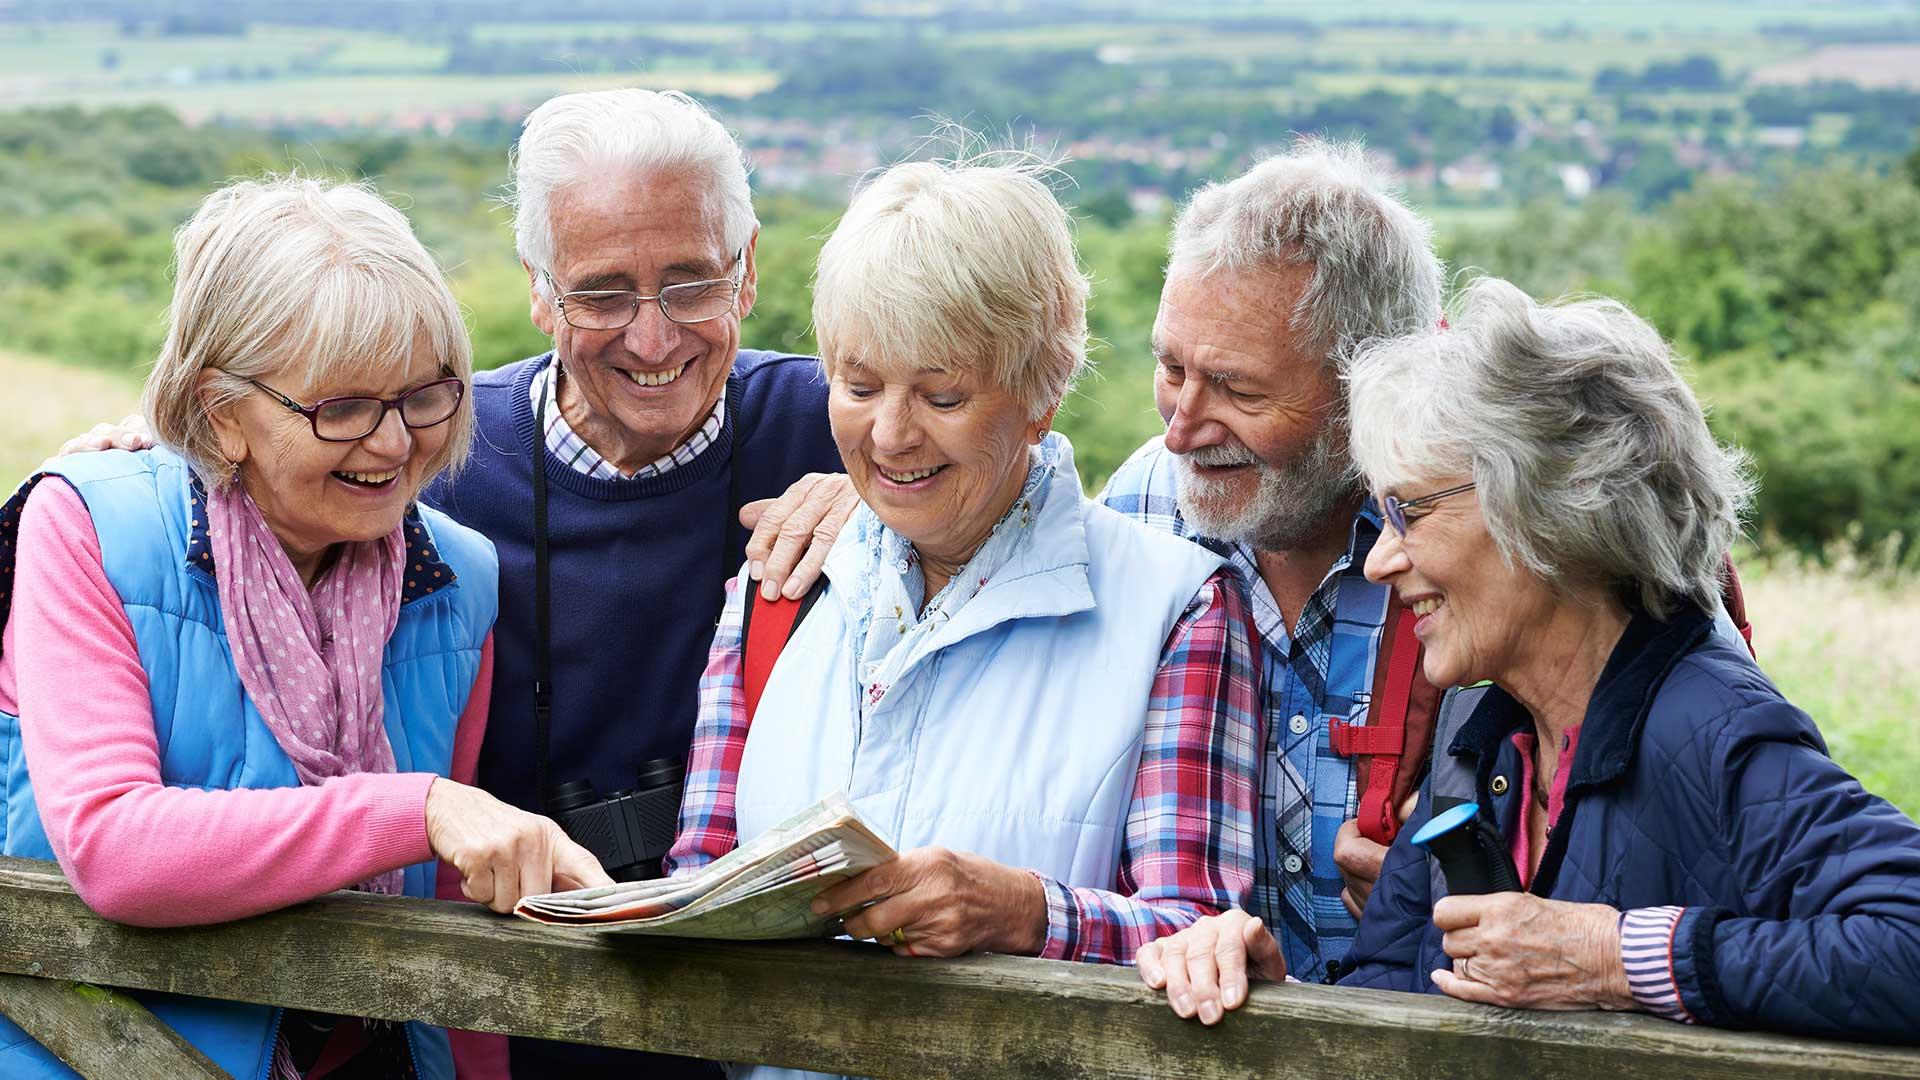 Gruppenreise Senioren | © highwaystarz - fotolia.com